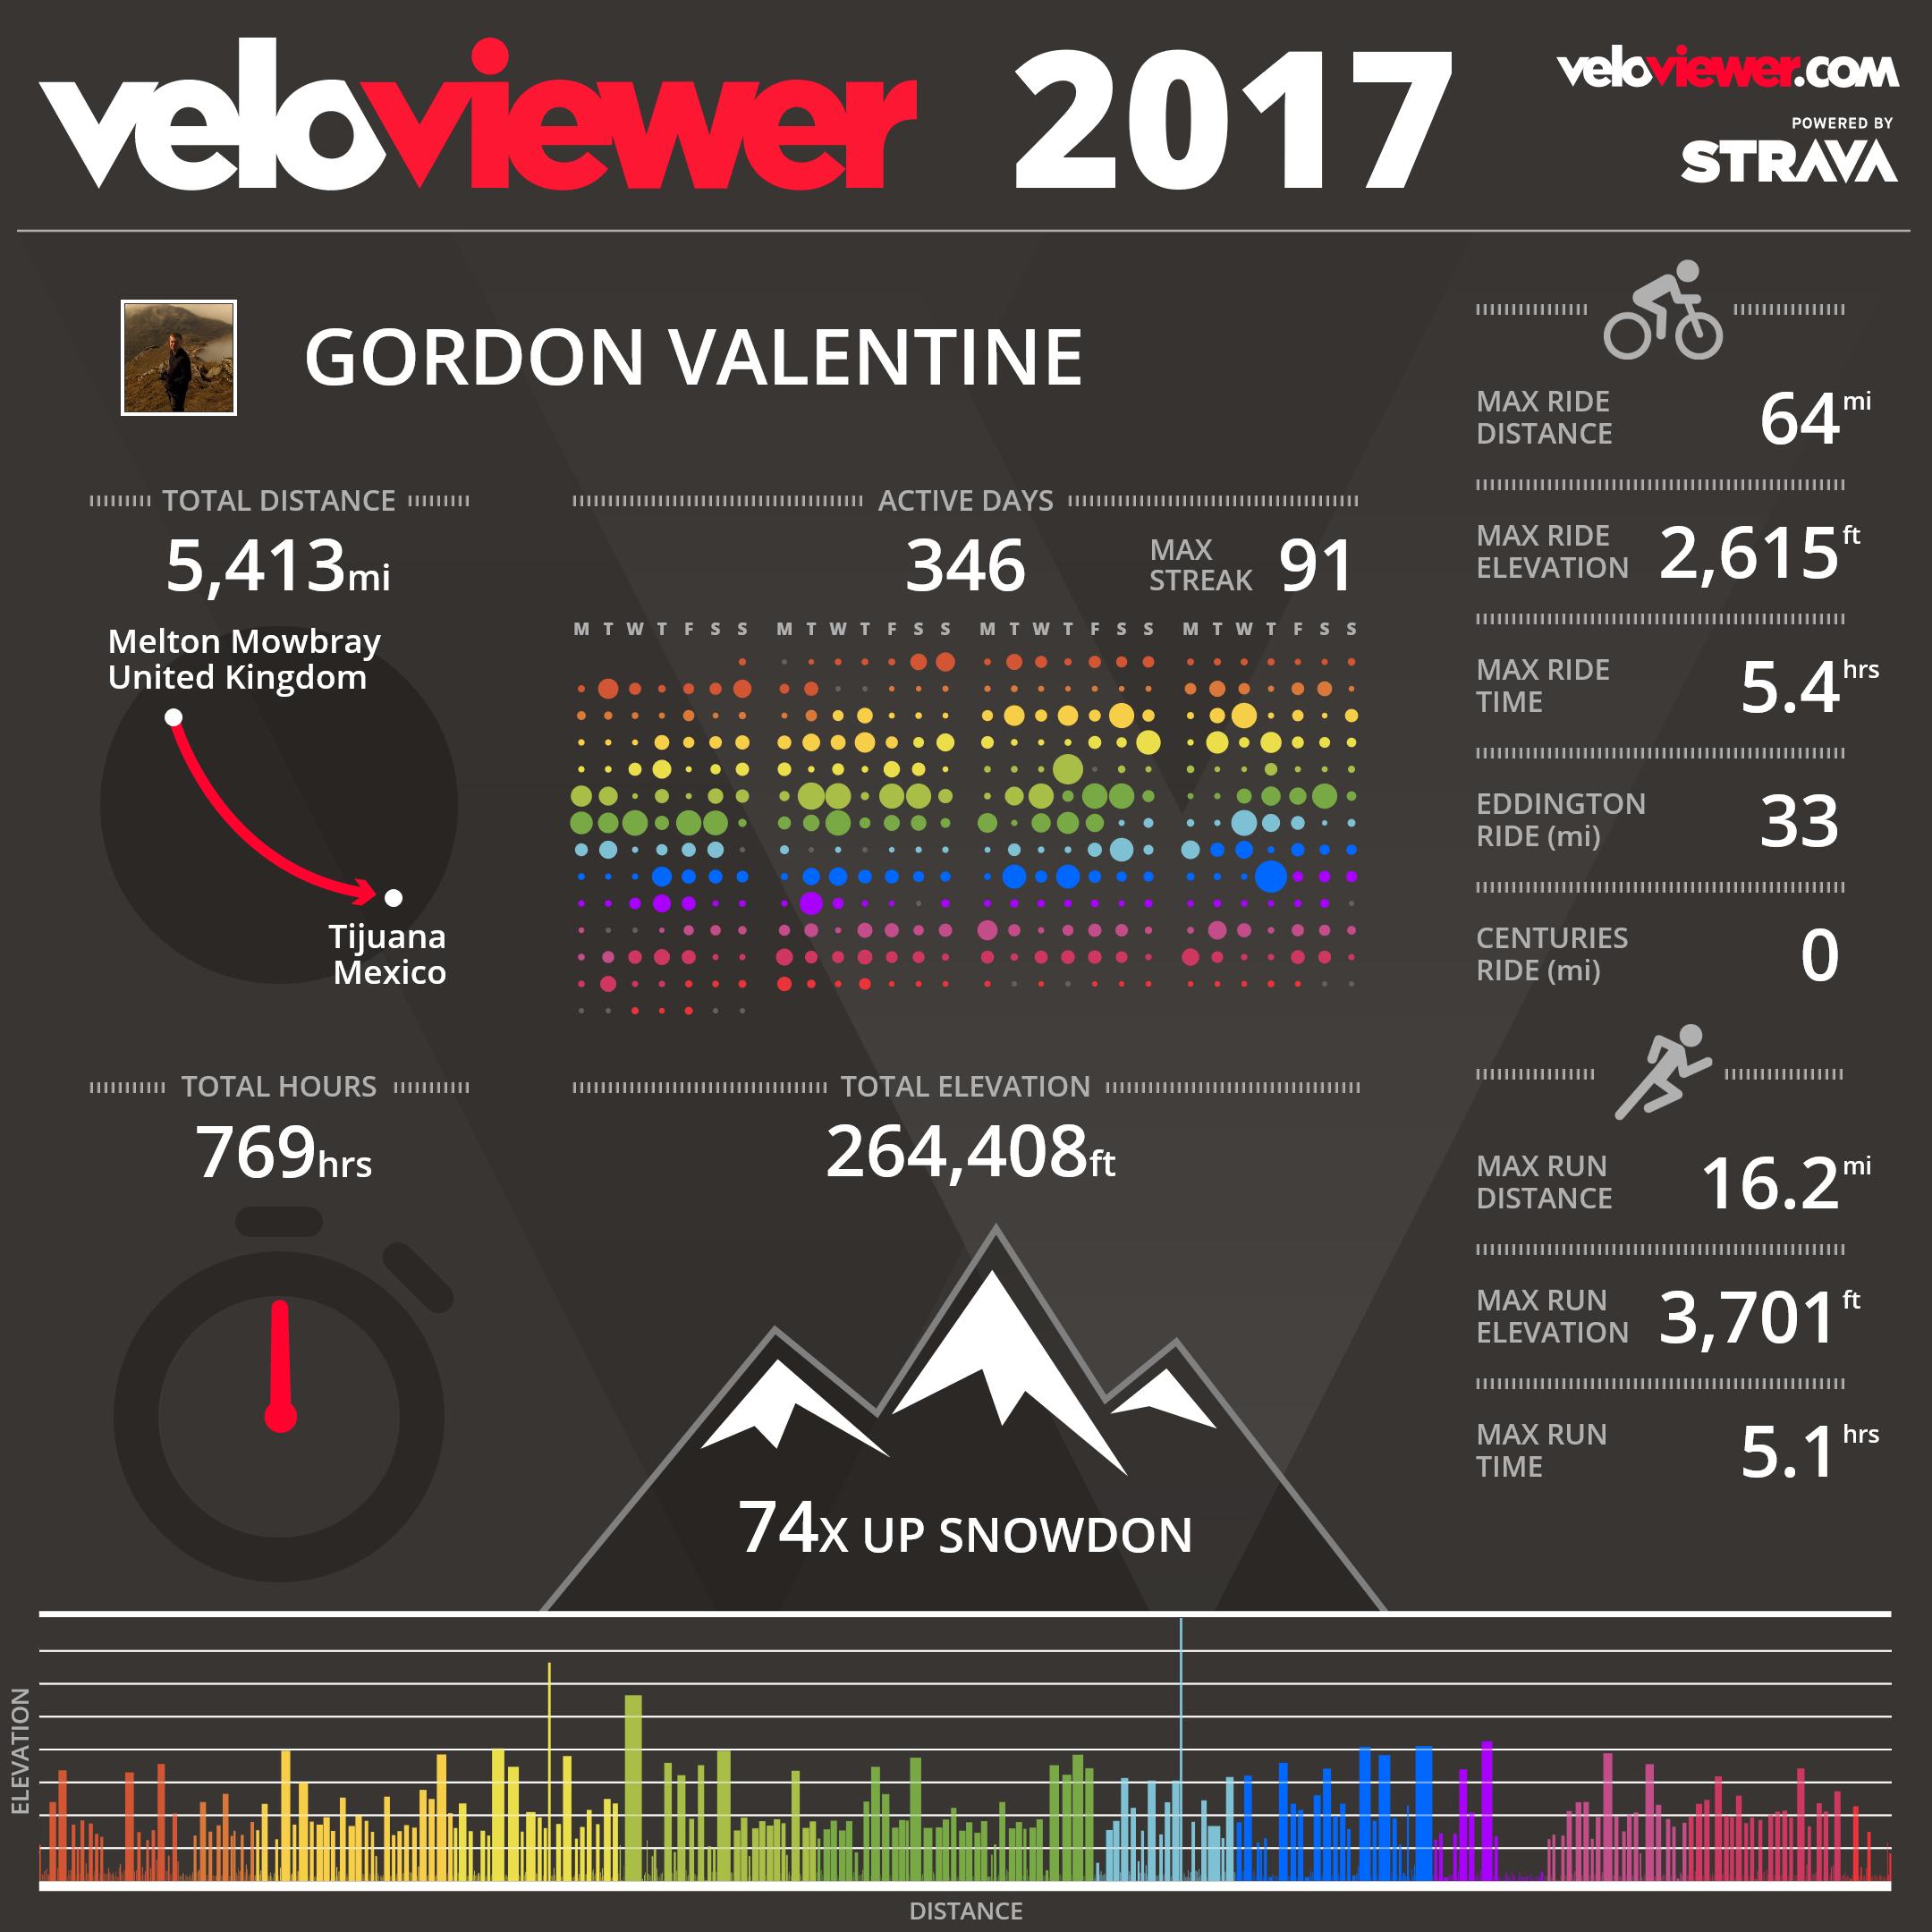 veloviewer infographic 2017